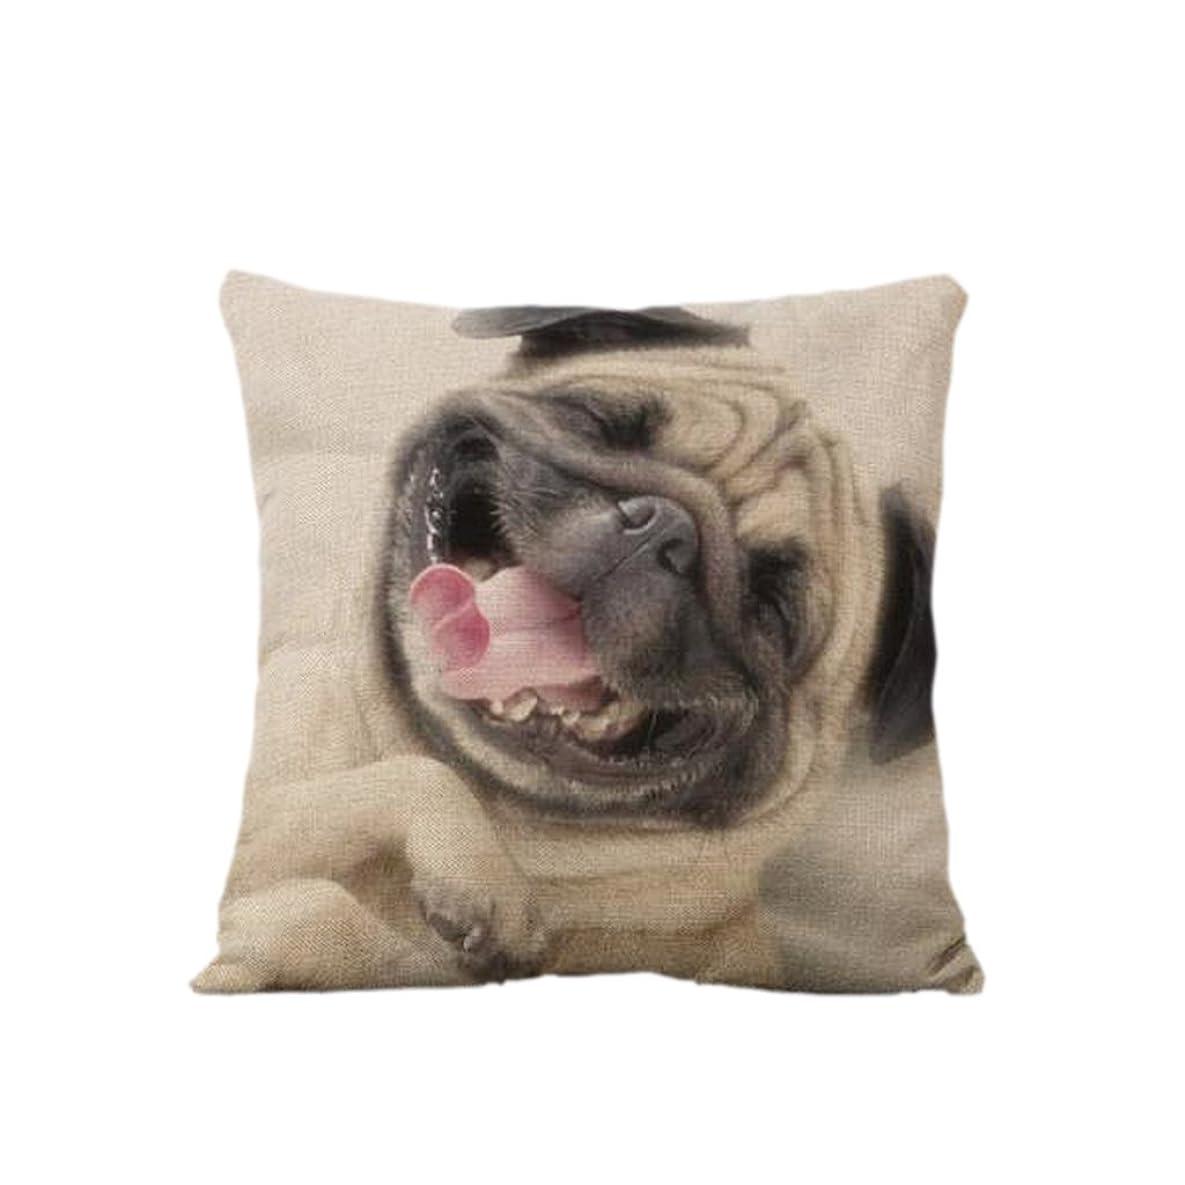 大きさ薄いです親密な耐久性 コットンリネン製 クッション カバー 枕カバー ベッド ソファ 装飾 45*45cm